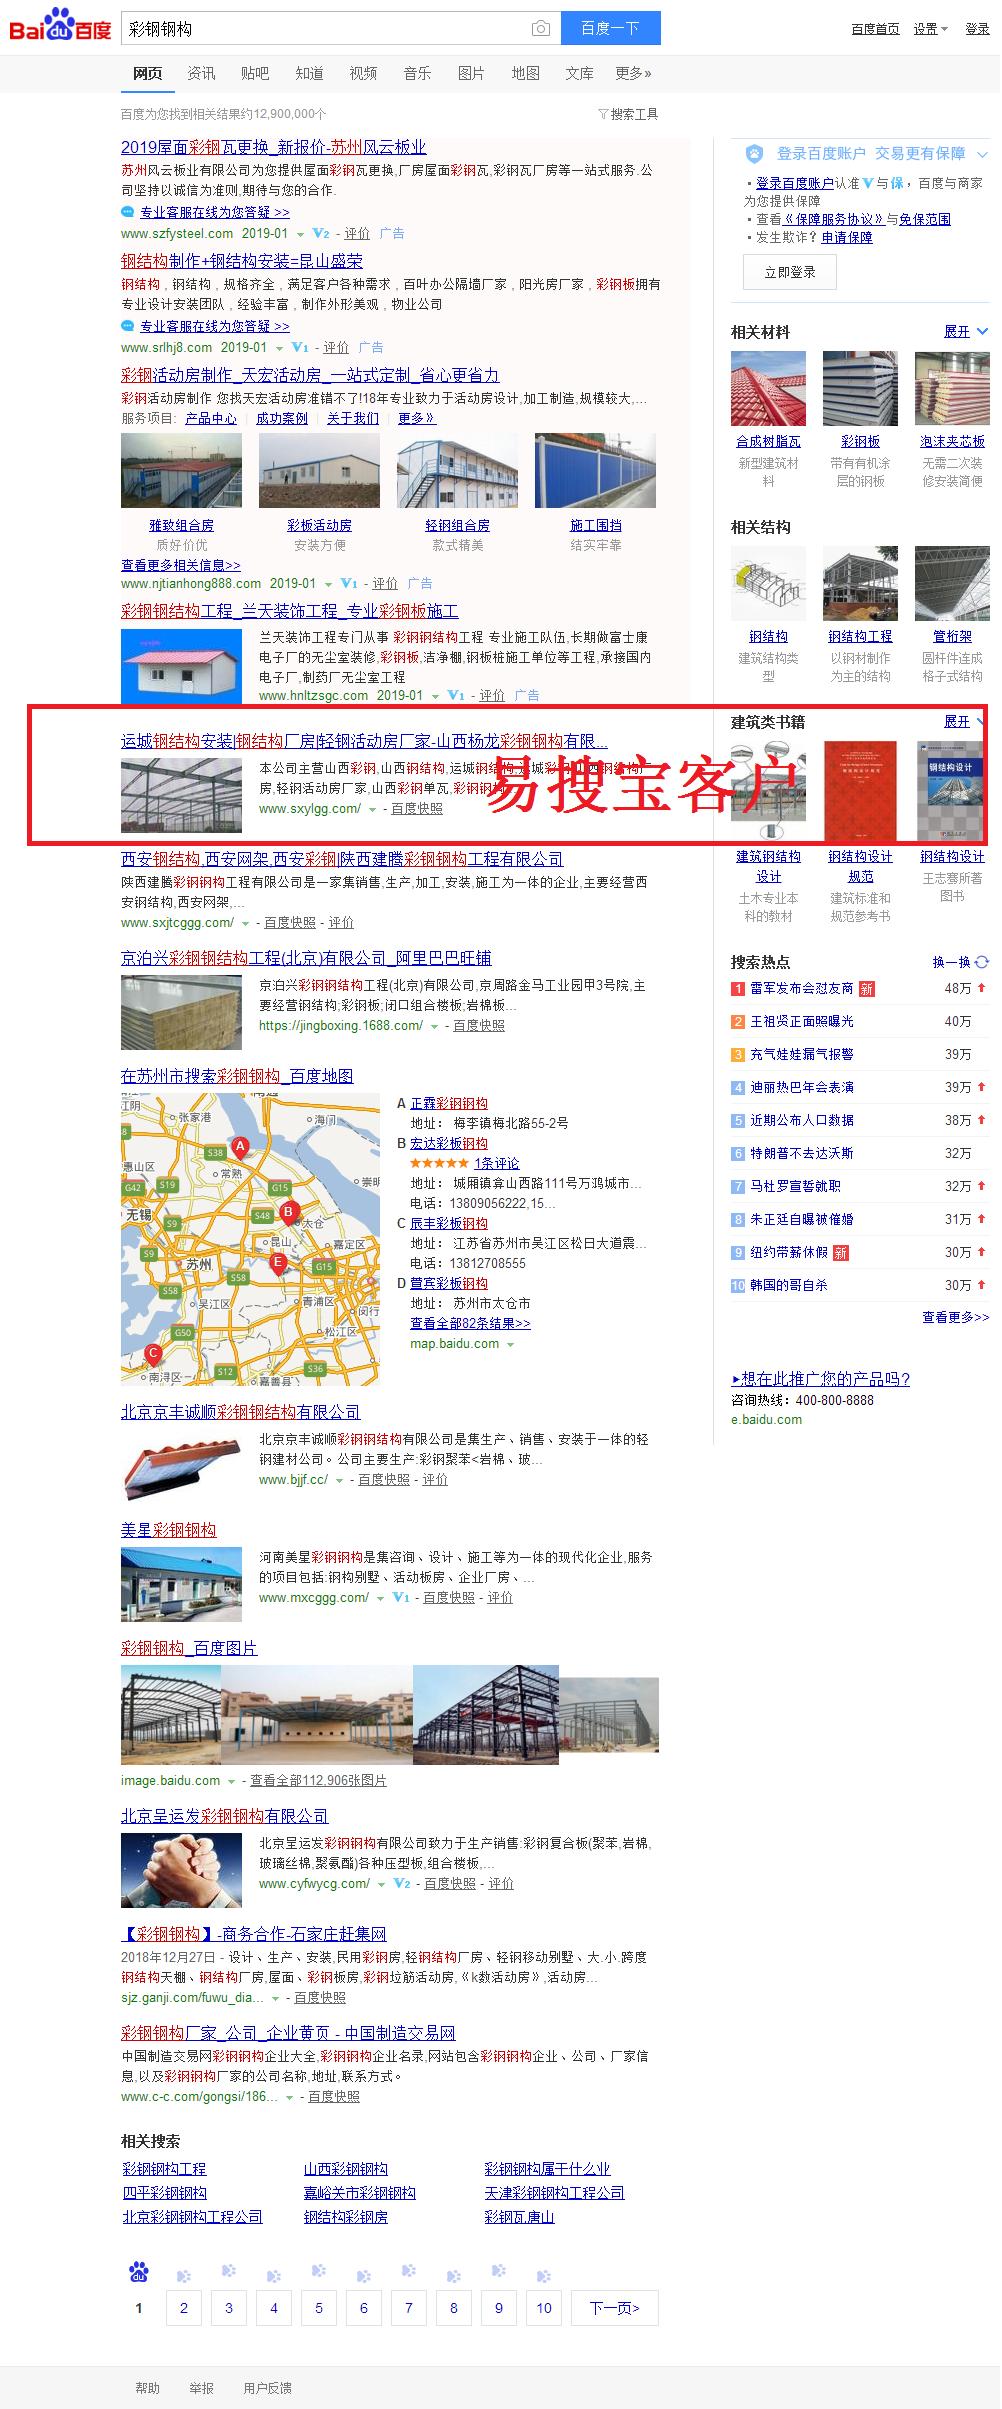 山西杨龙彩钢钢构有限公司